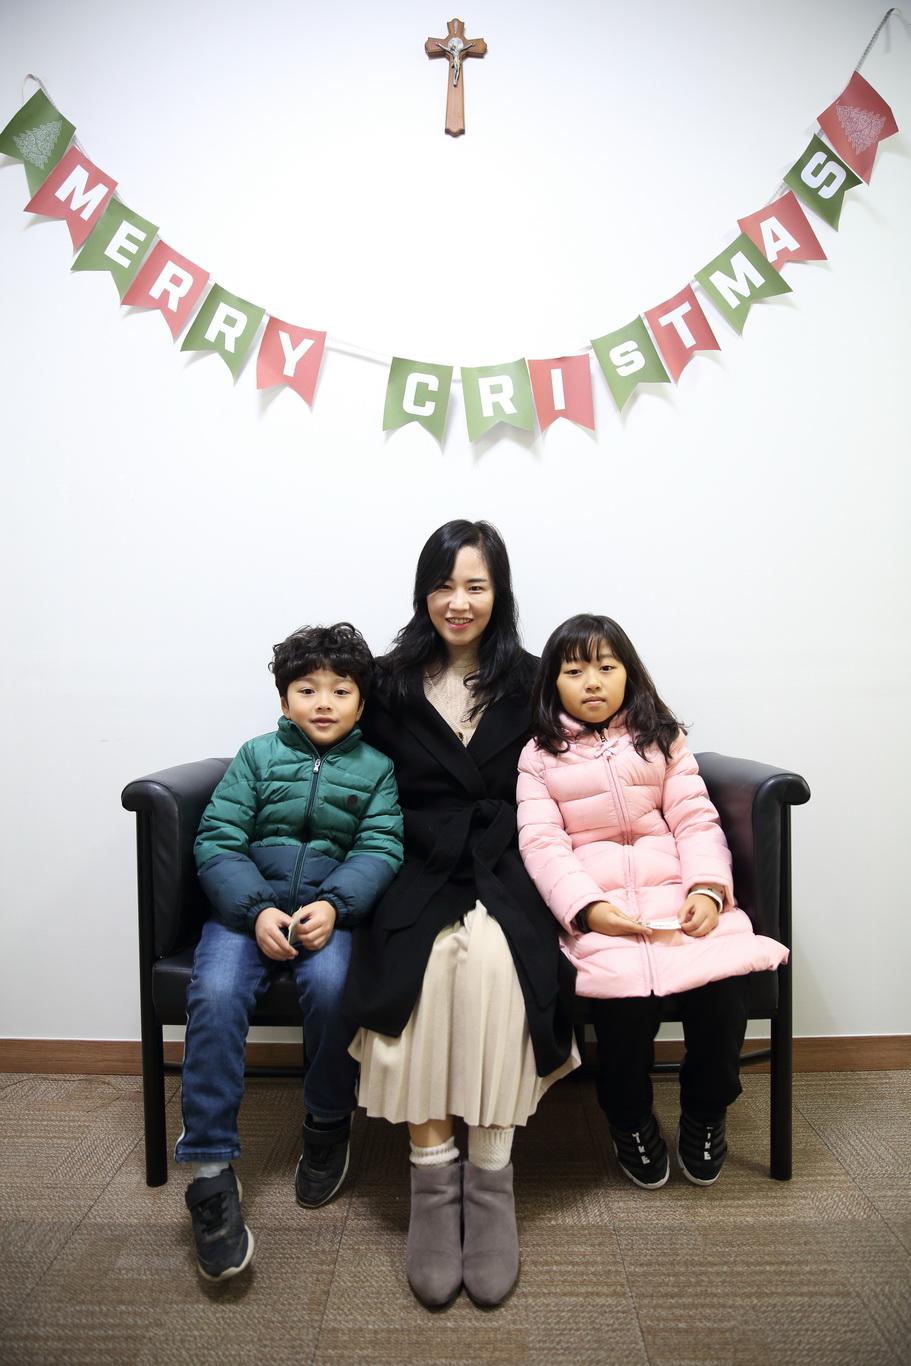 2019-12-25 성탄 대축일 (141)_크기변경.JPG